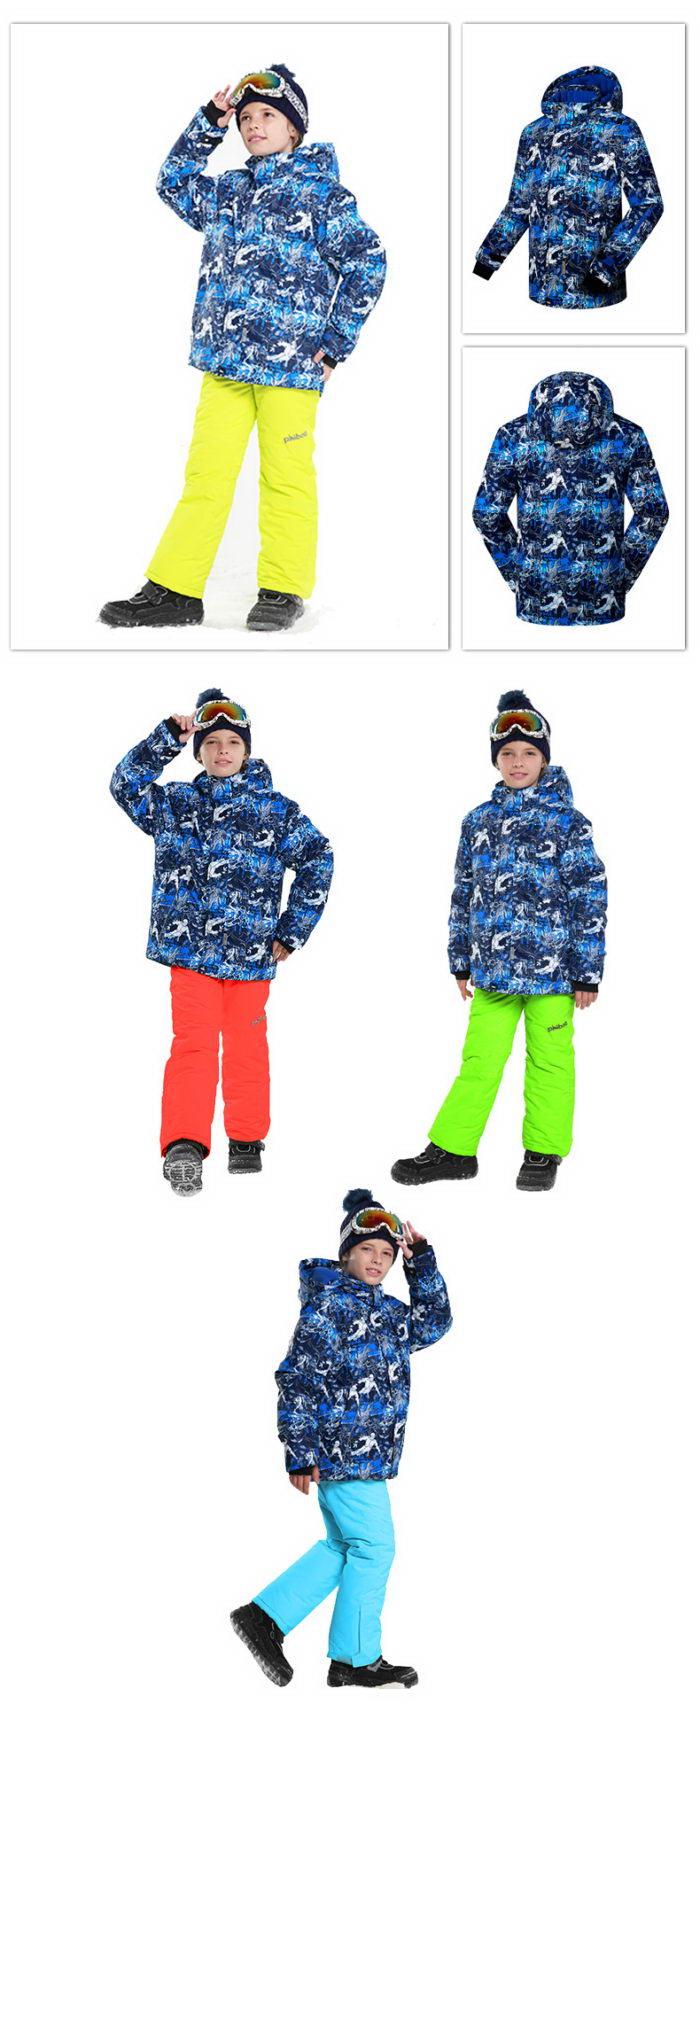 Купить горнолыжный костюм для подростка